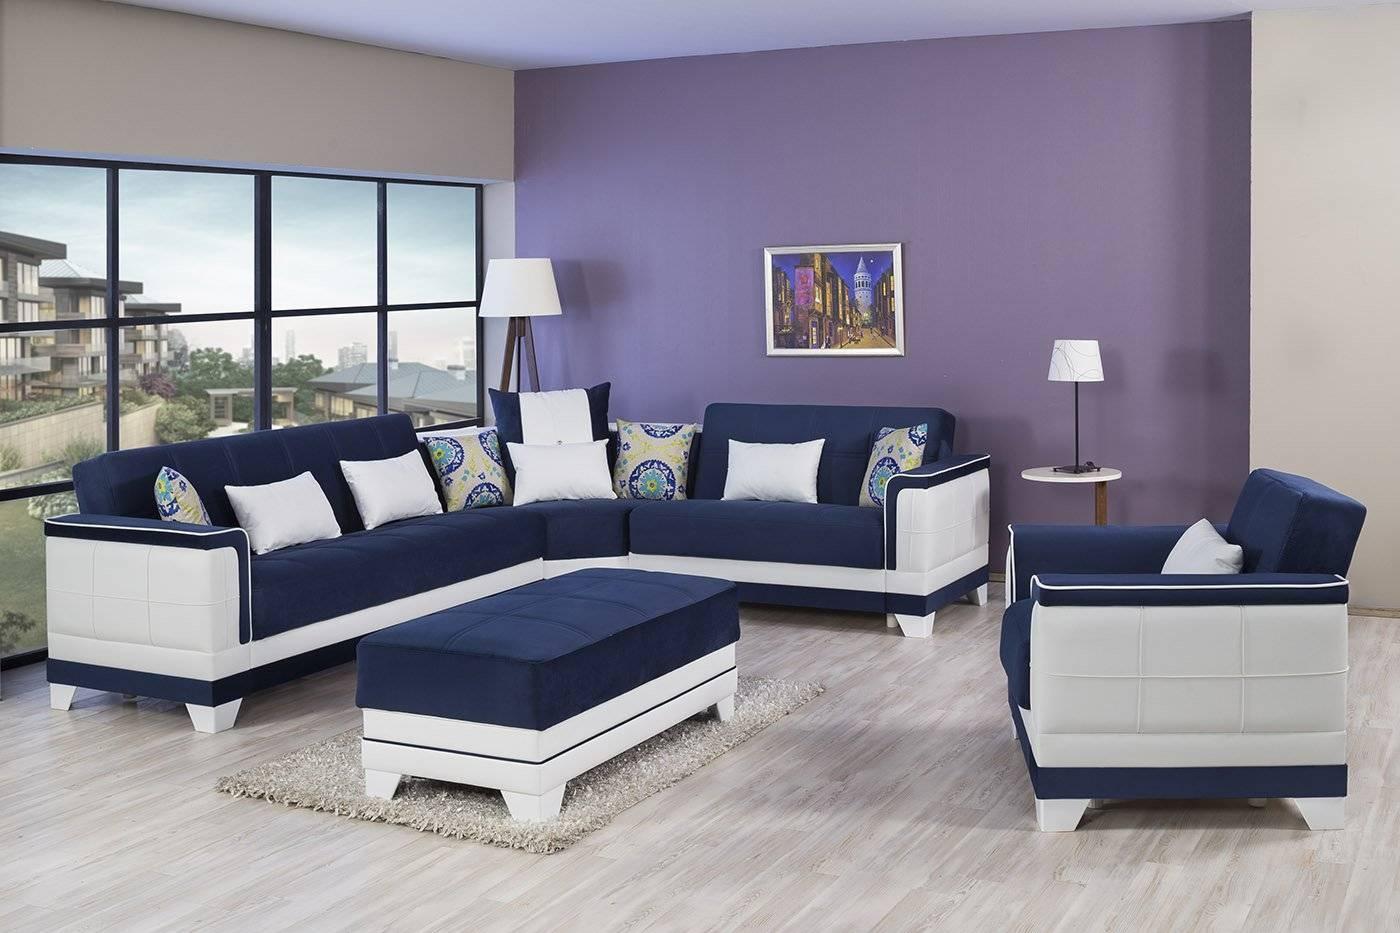 Royal Blue Sectional Sofa. Winslet Velvet Sectional Navy Blue for Midnight Blue Sofas (Image 12 of 15)